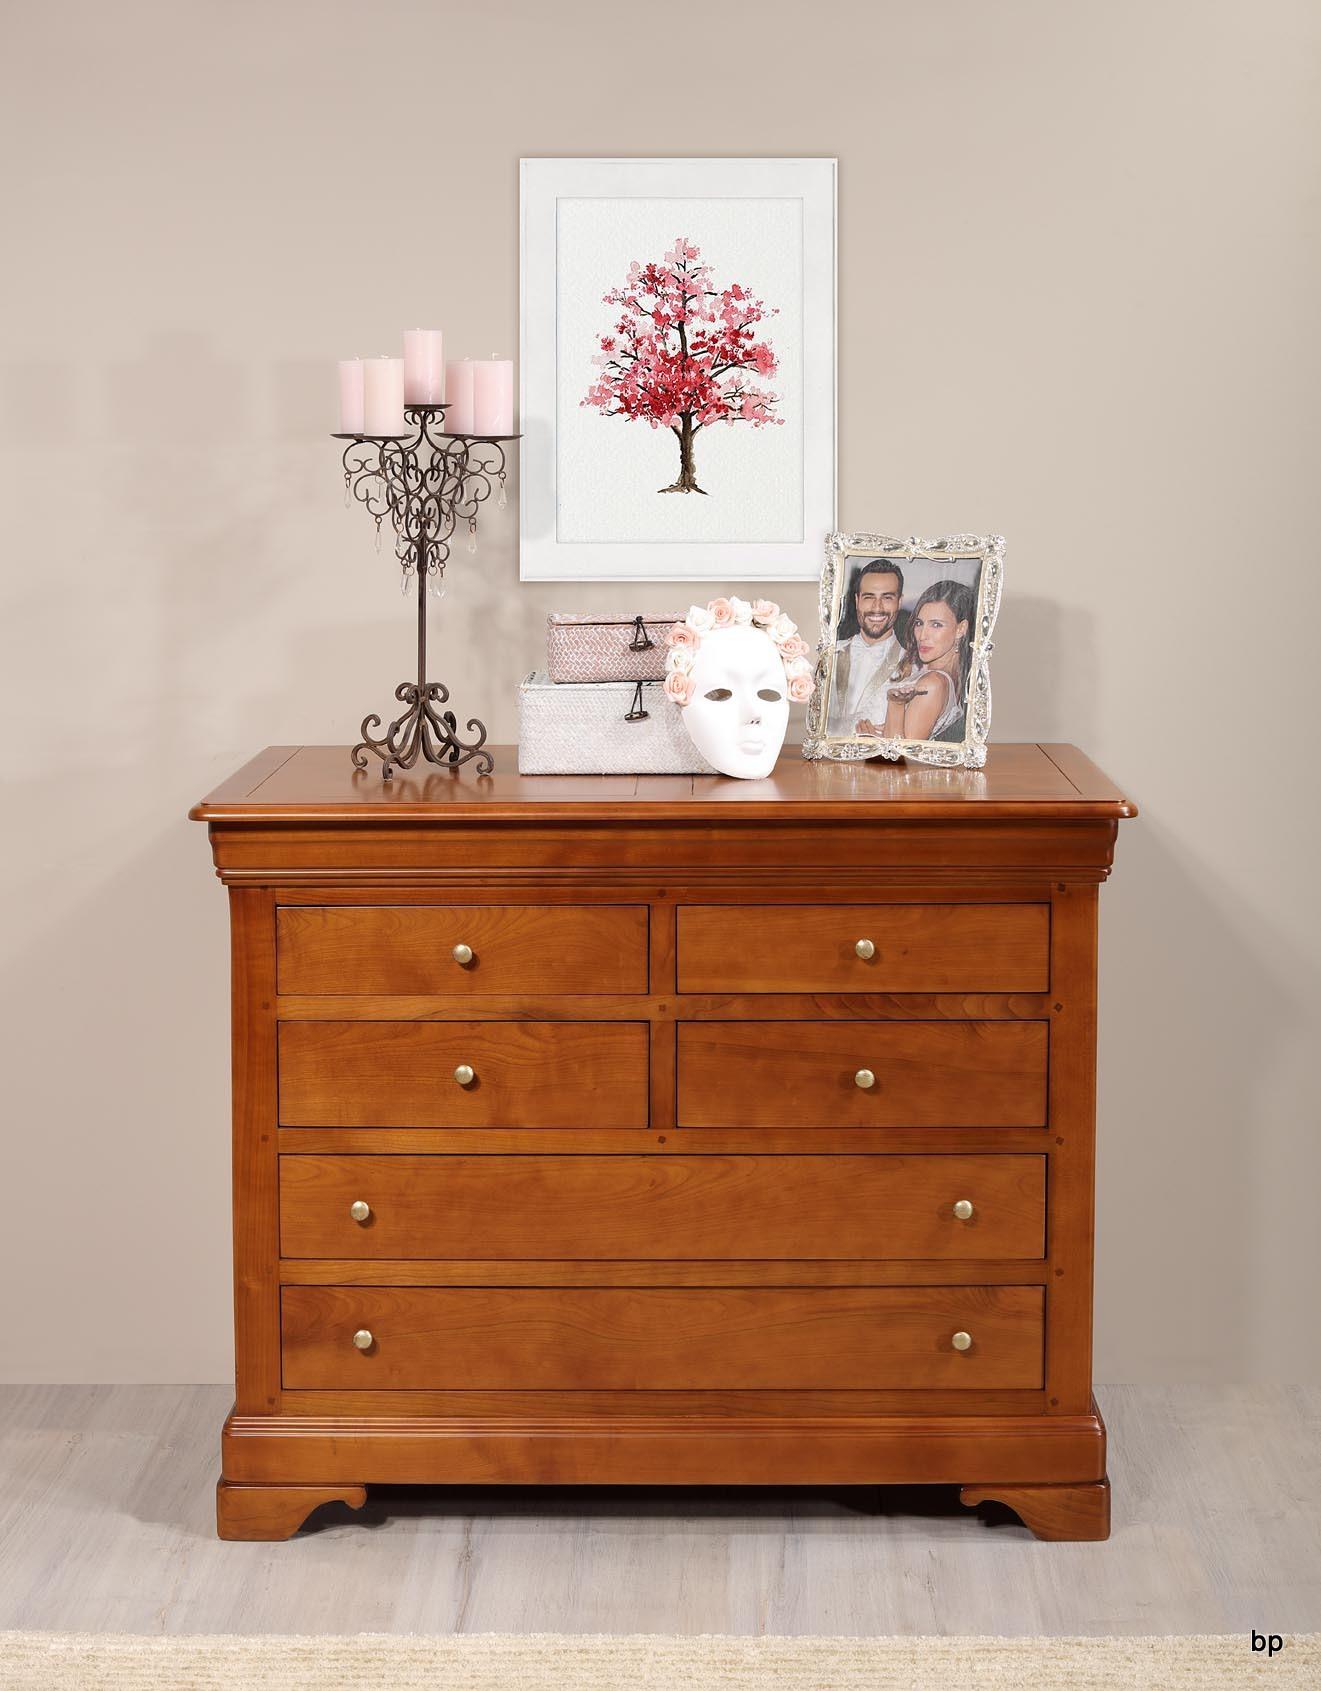 Commode 6 tiroirs en merisier massif de style louis philippe bonne affaire 1 disponible meuble - Commode merisier louis philippe ...